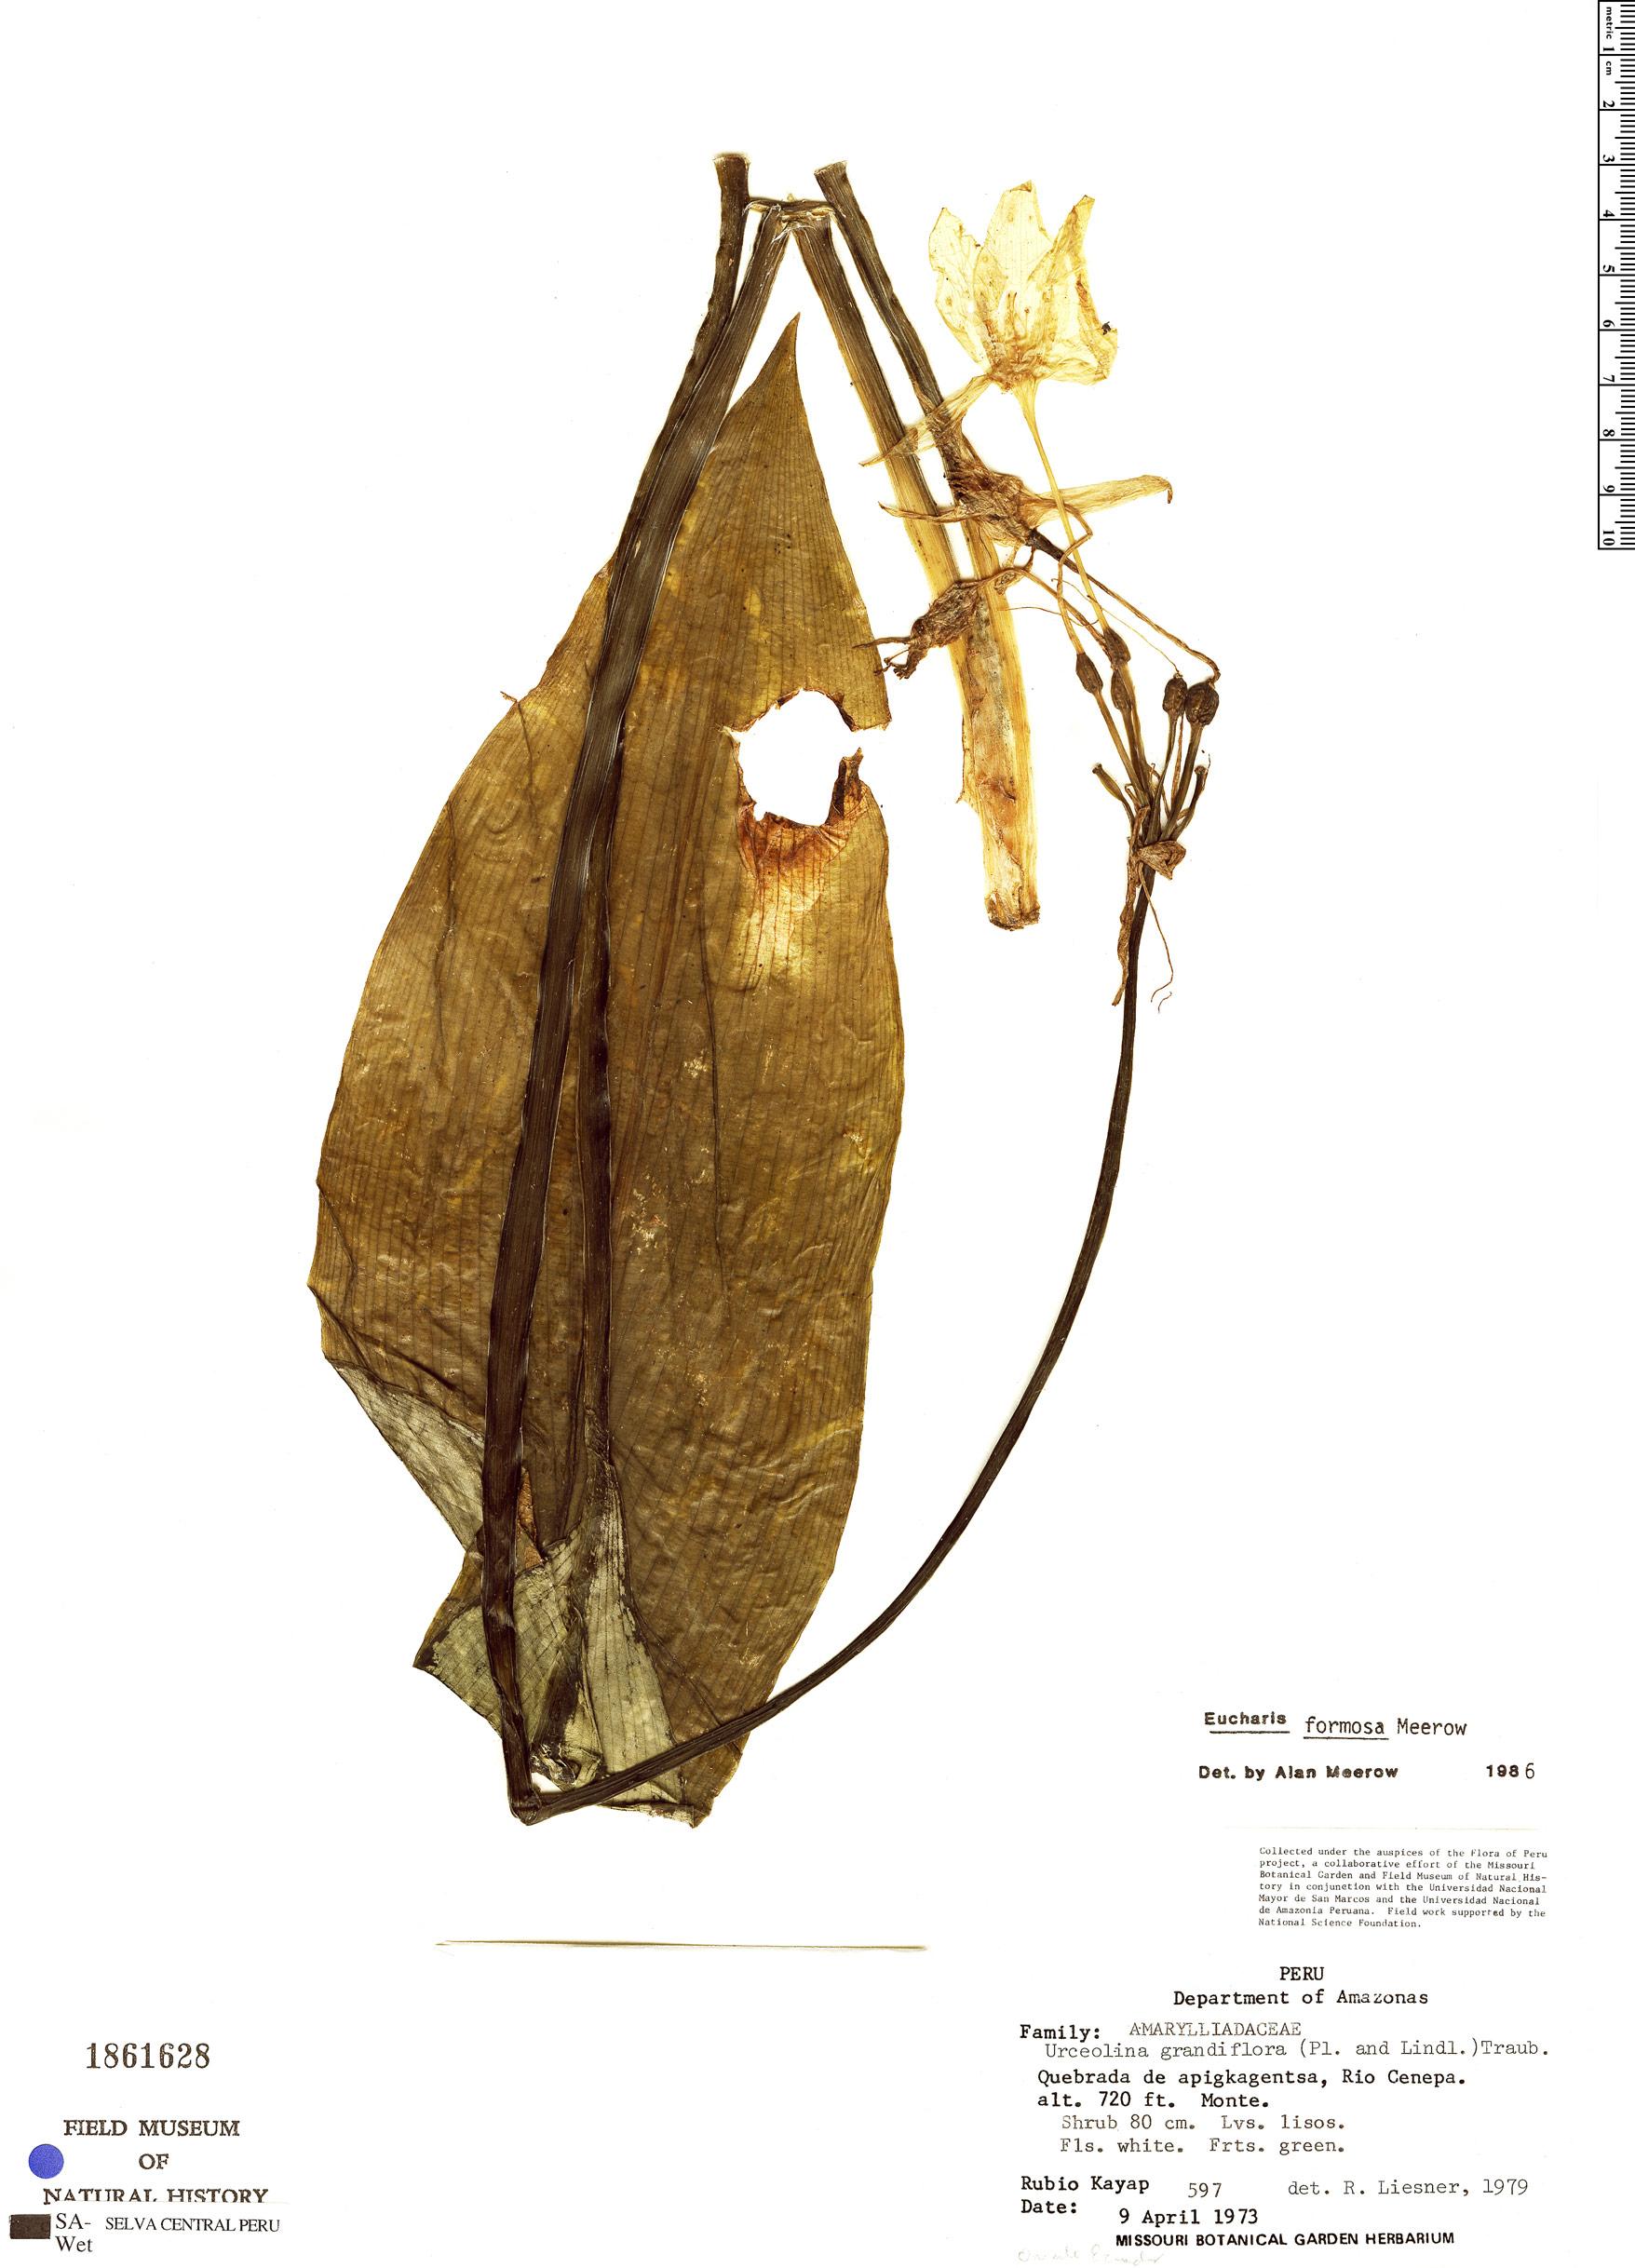 Specimen: Eucharis formosa